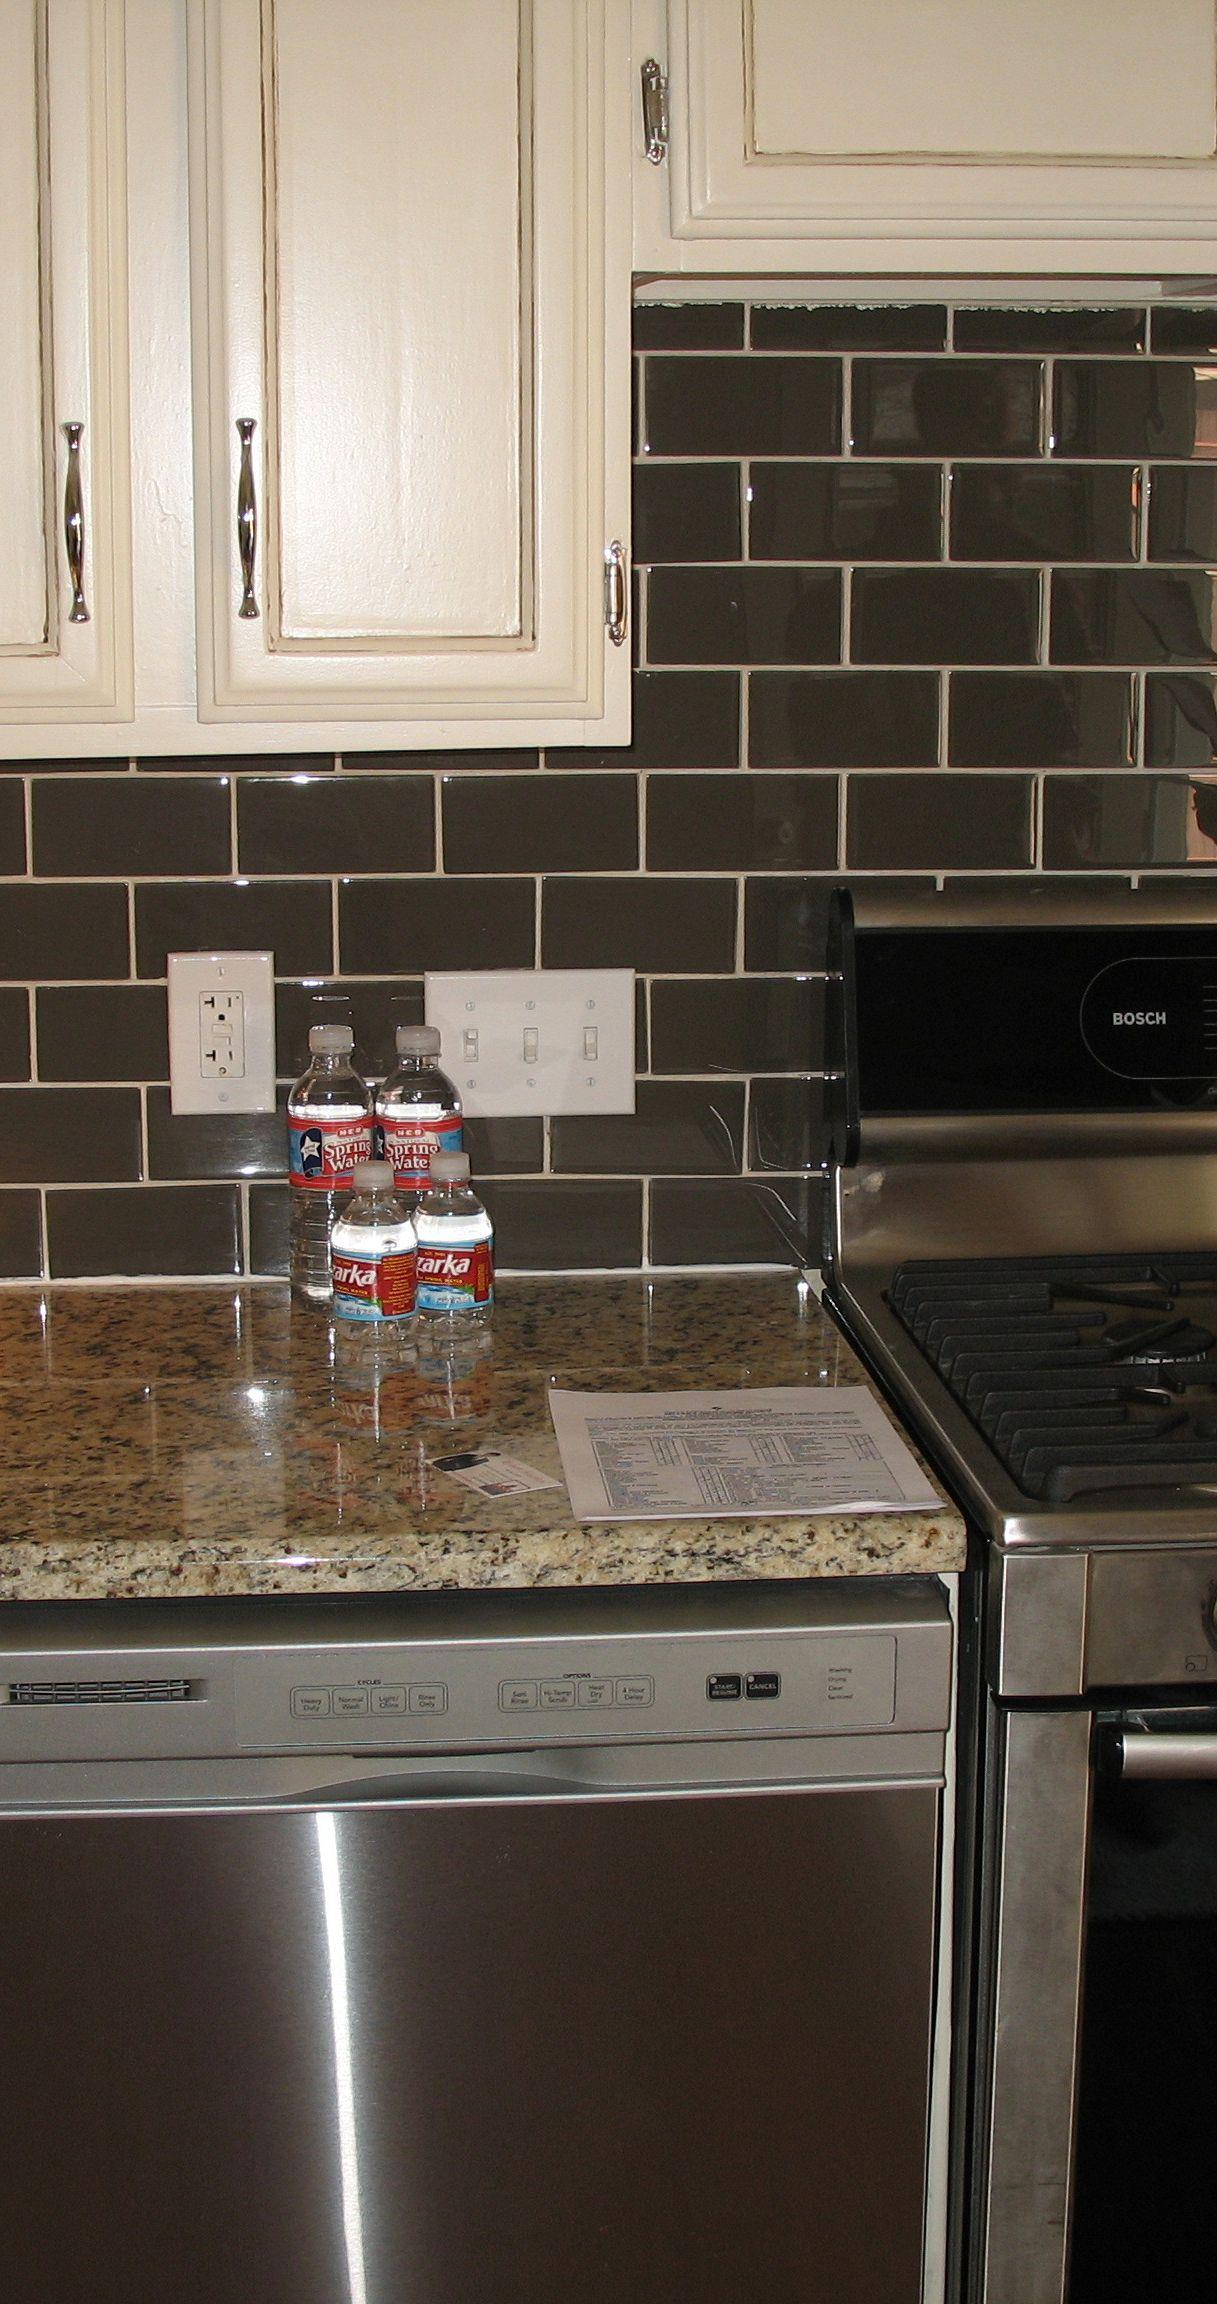 Cucina con piastrelle scure - Cucina con piastrelle scure ...